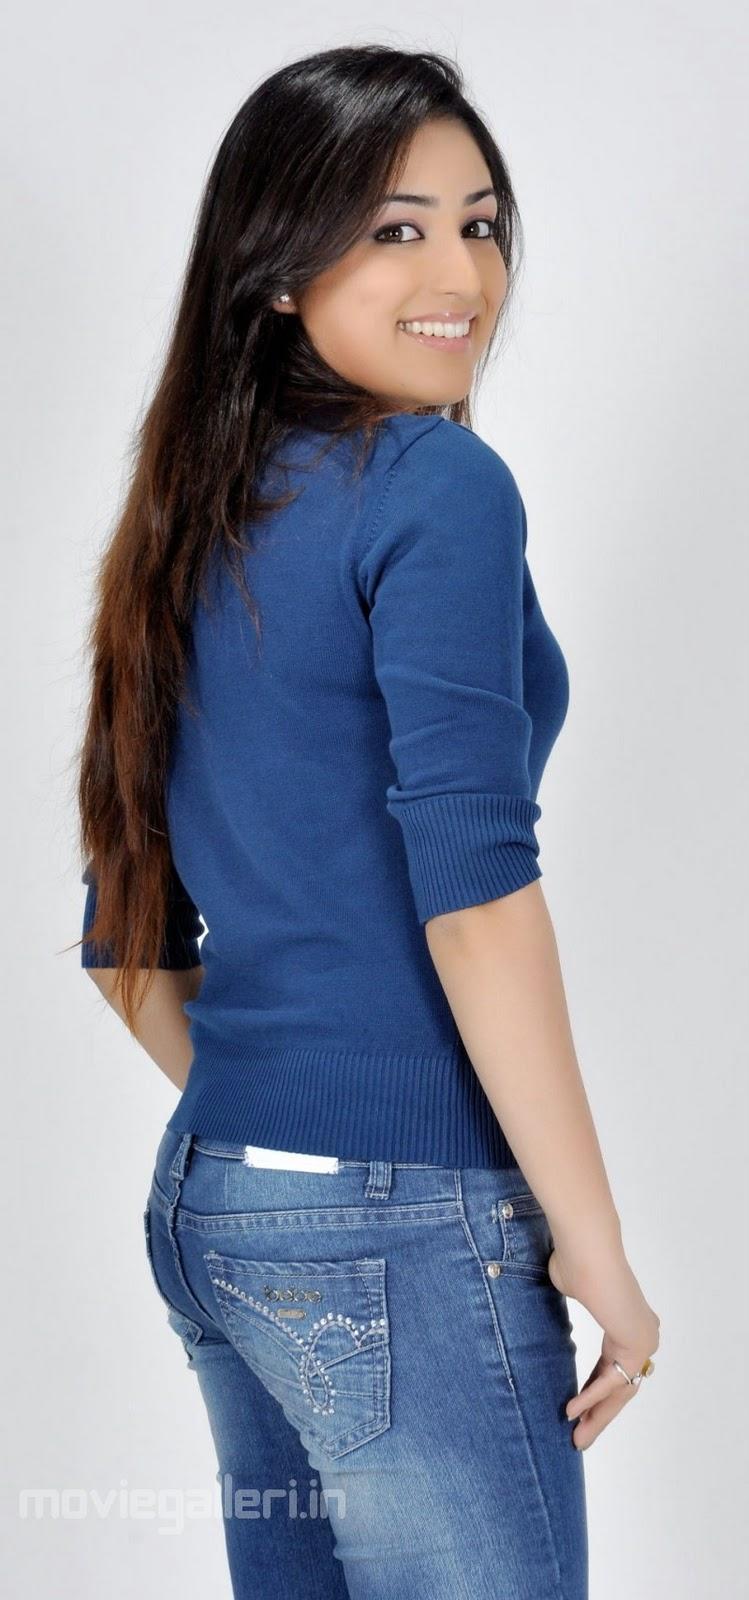 Actress Yami Gautam Ne...